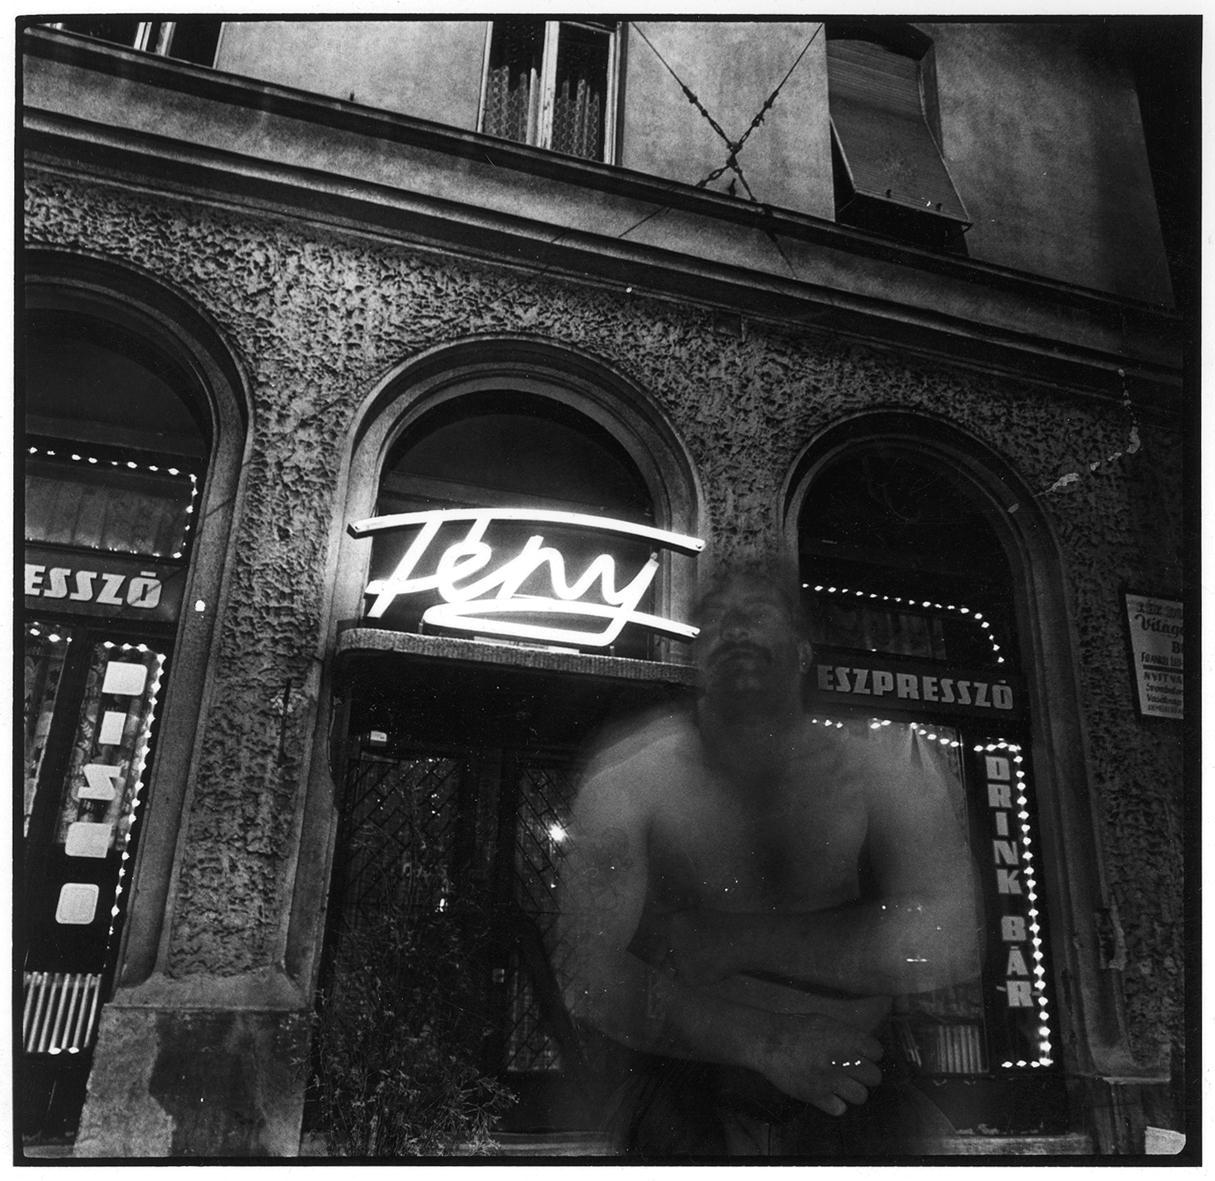 Drégely Imre: Fény, 1989 © Drégely Imre